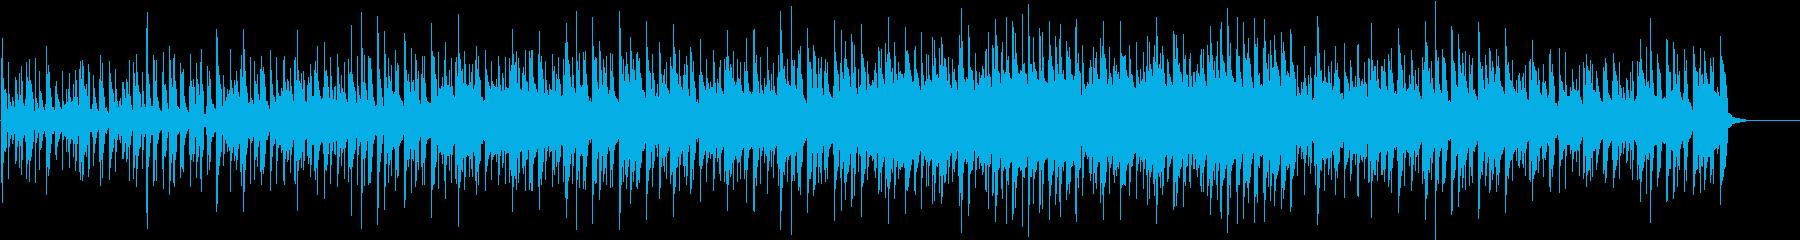 元気が出る前向きなウクレレ曲の再生済みの波形